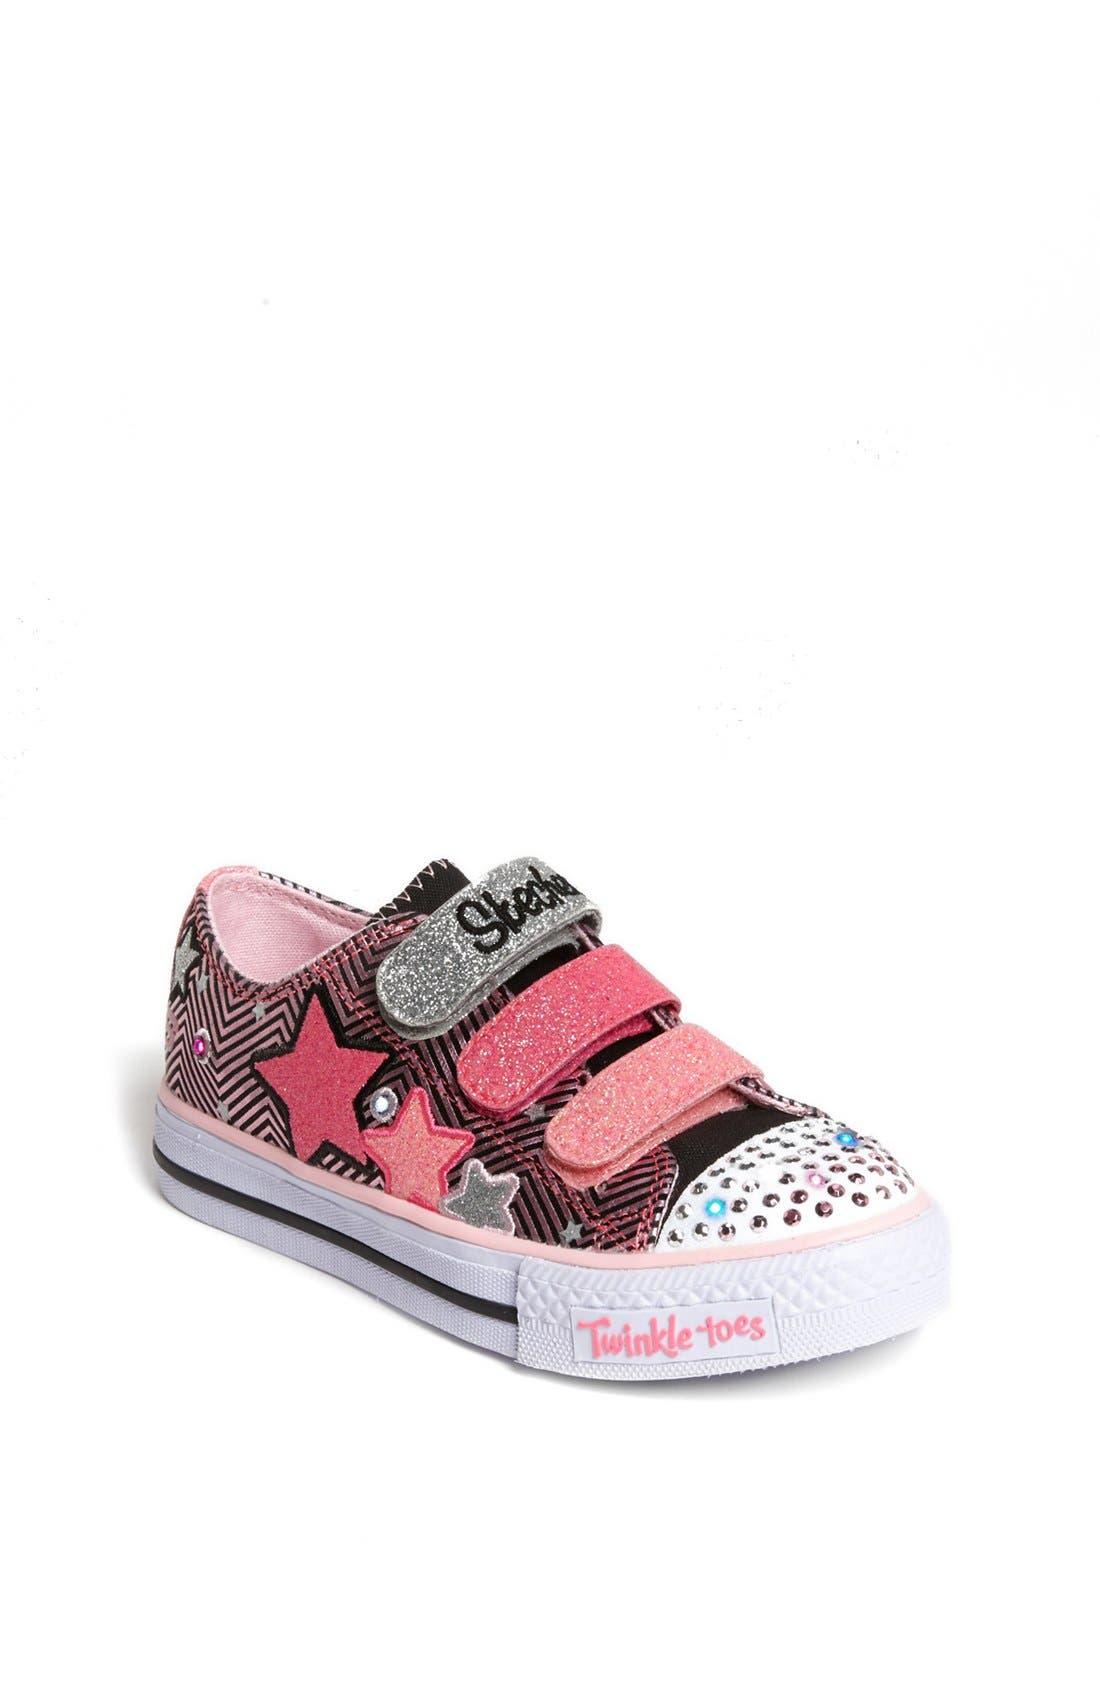 Main Image - SKECHERS 'Shuffles' Light-Up Sneaker (Toddler & Little Kid)